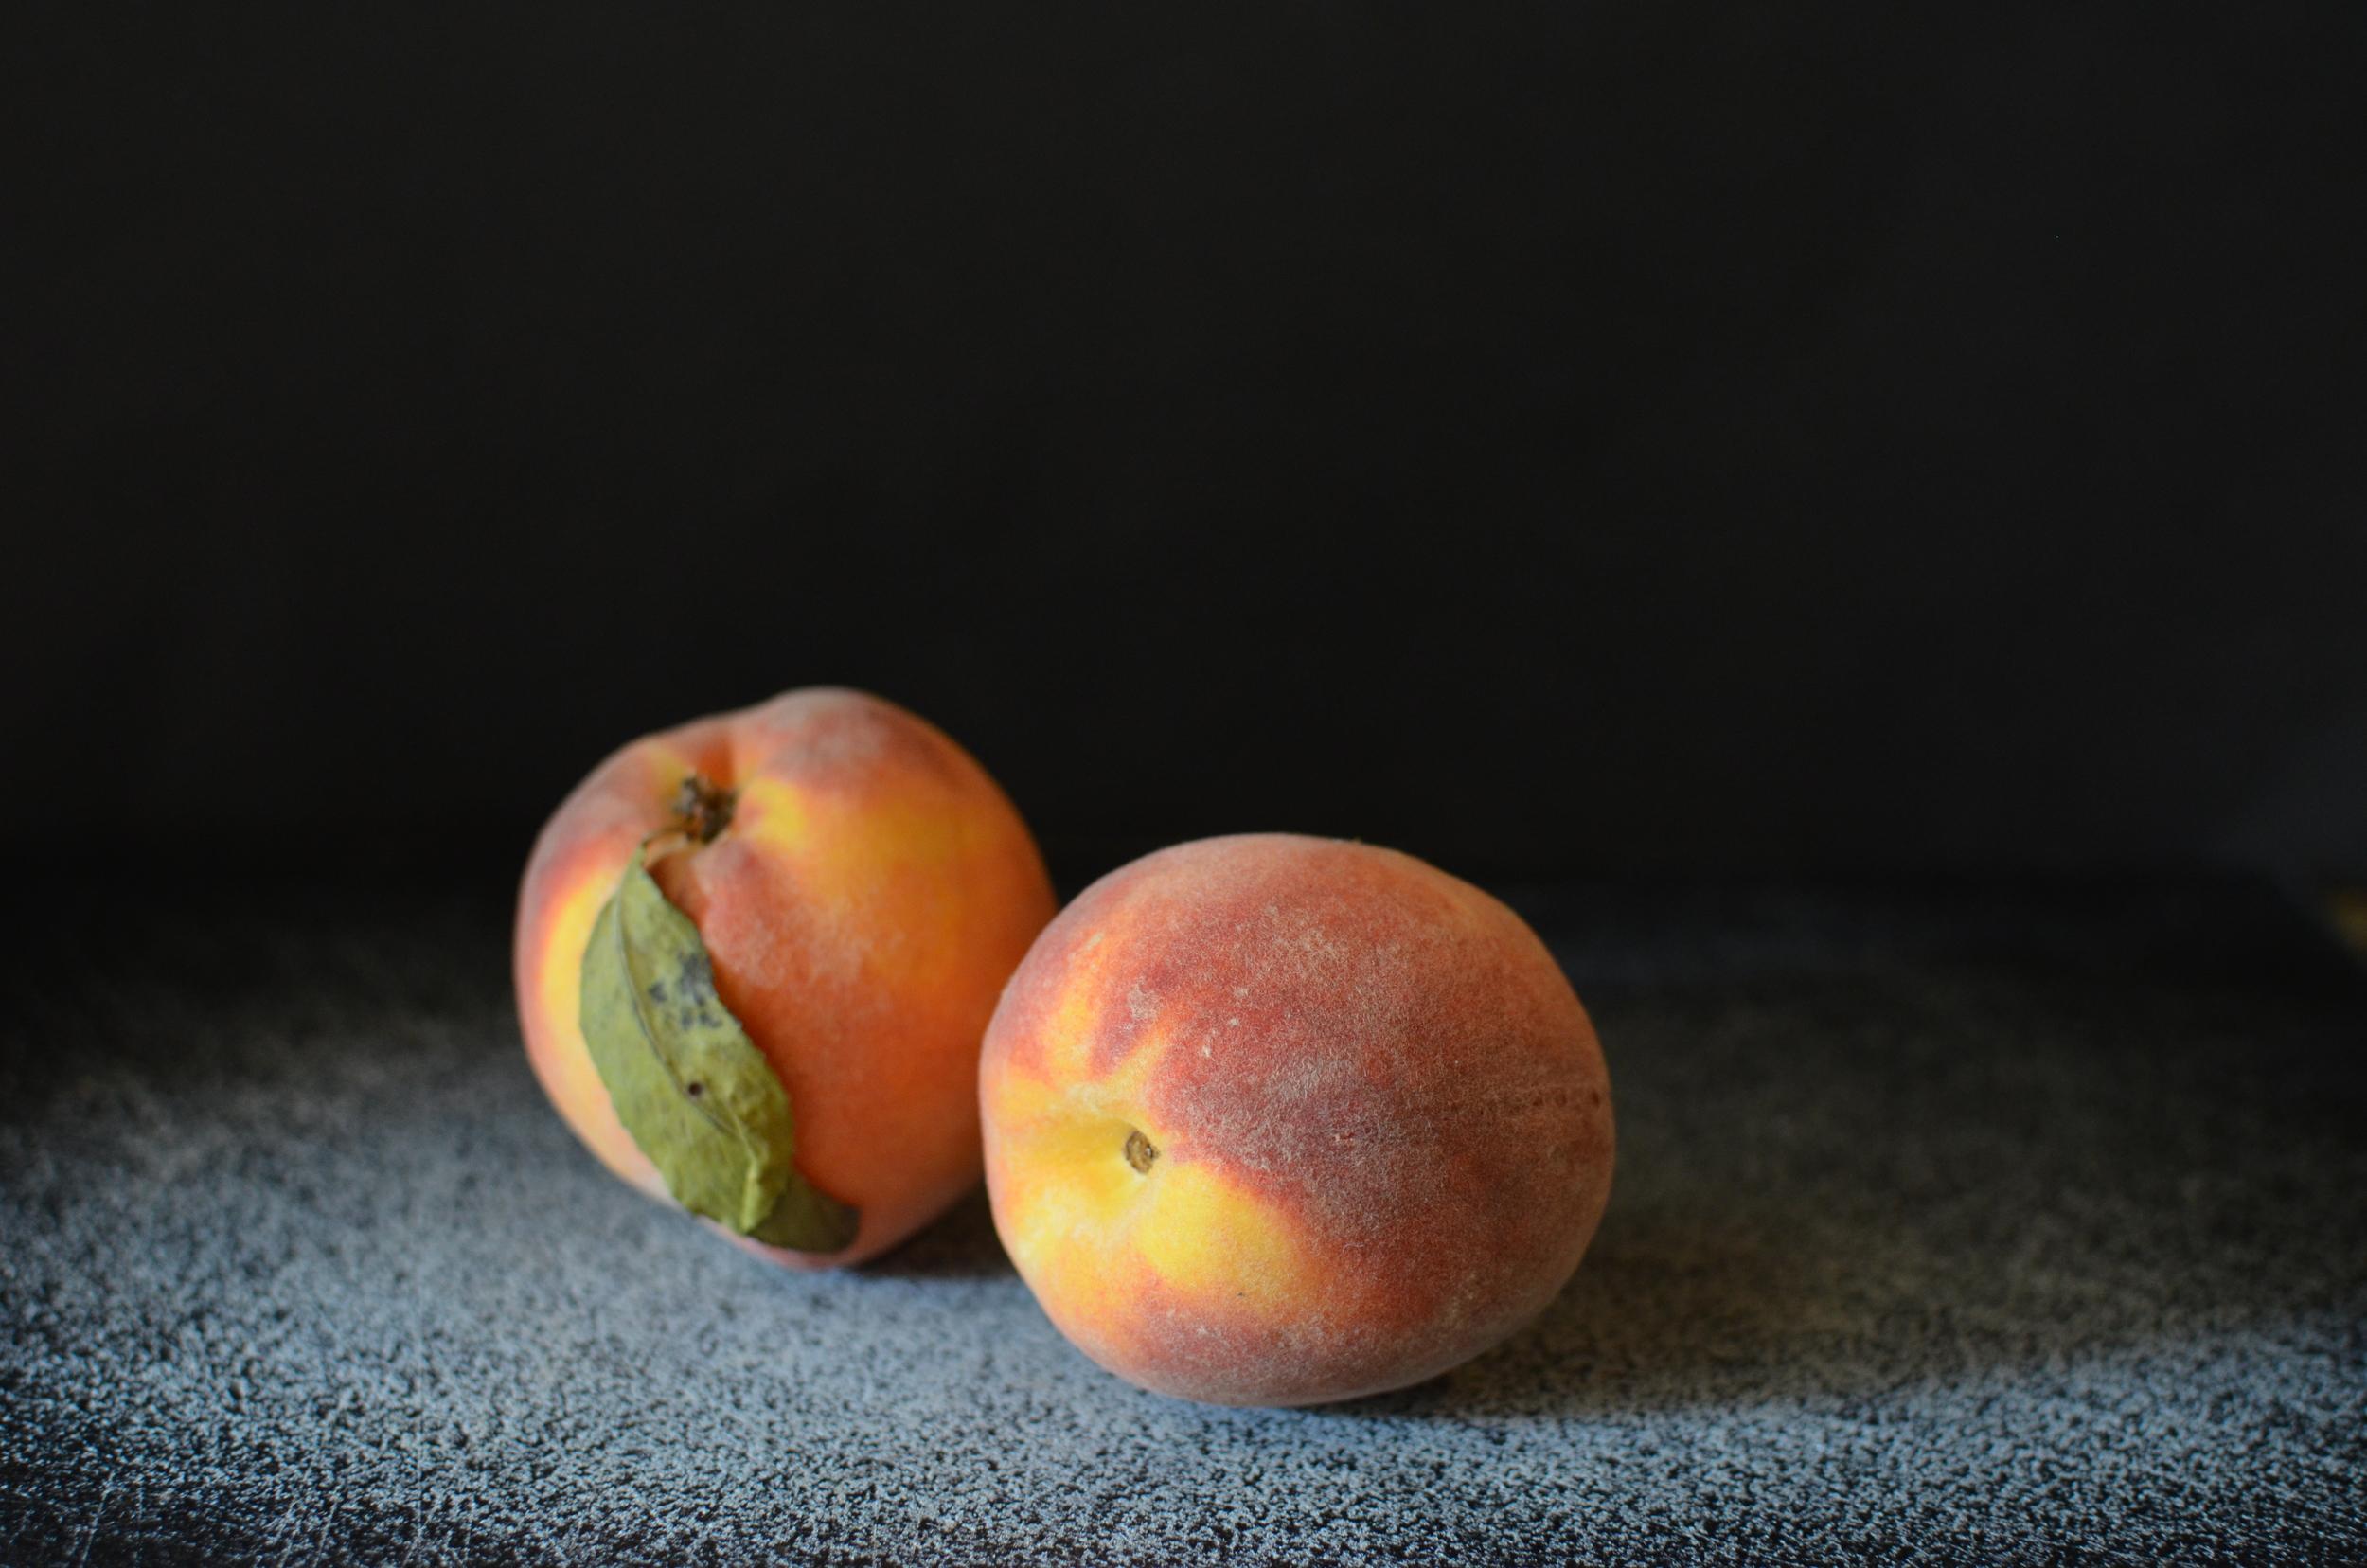 Who wants peach cobbler?